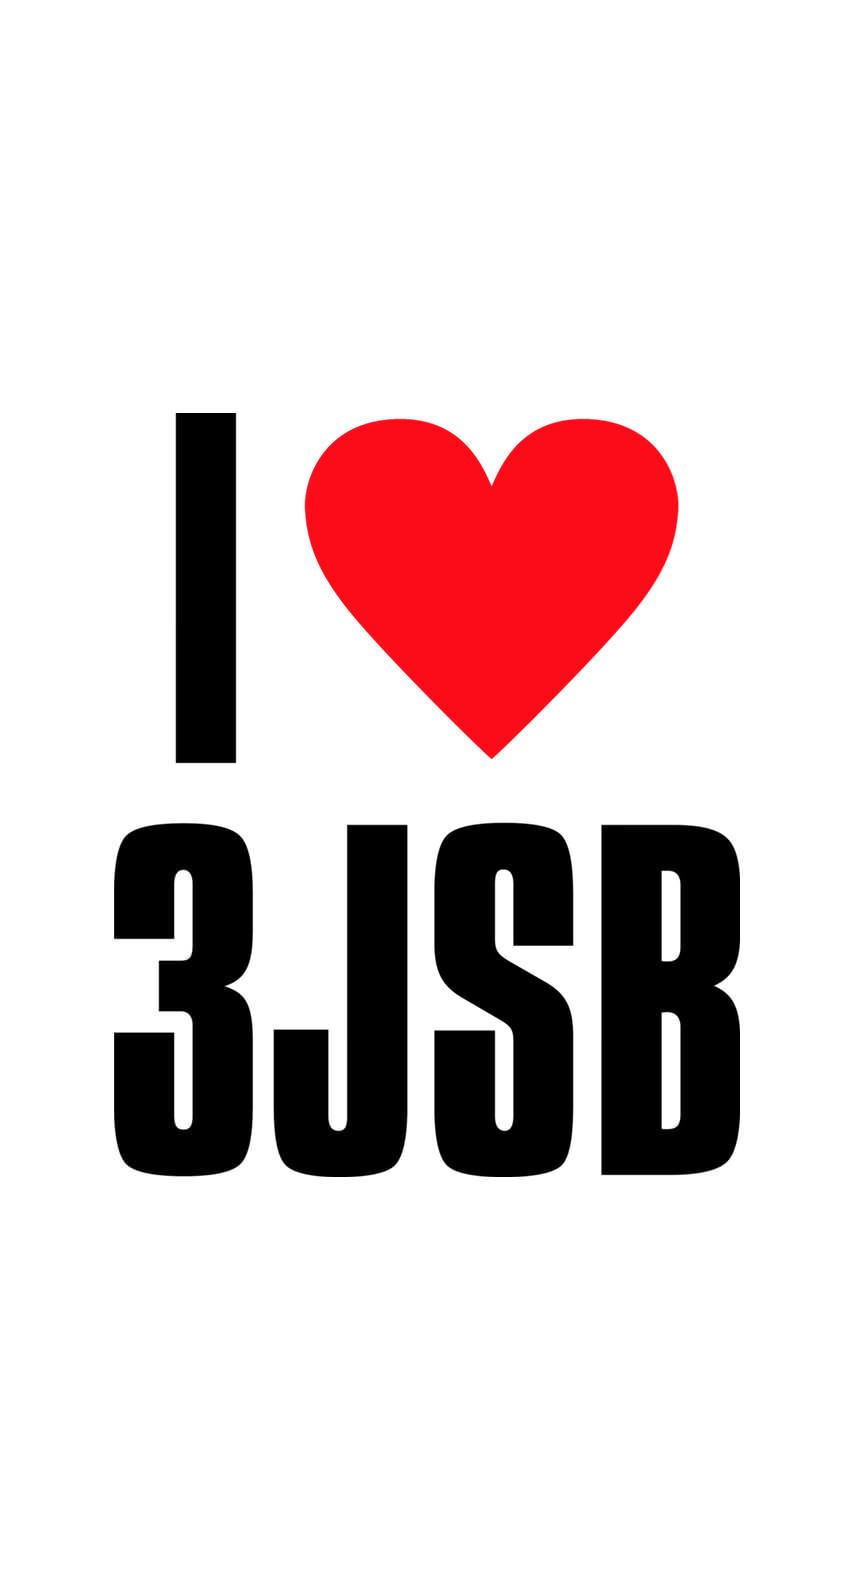 超カワ!!三代目JSBファンに贈る I Love 3JSBロゴホワイト